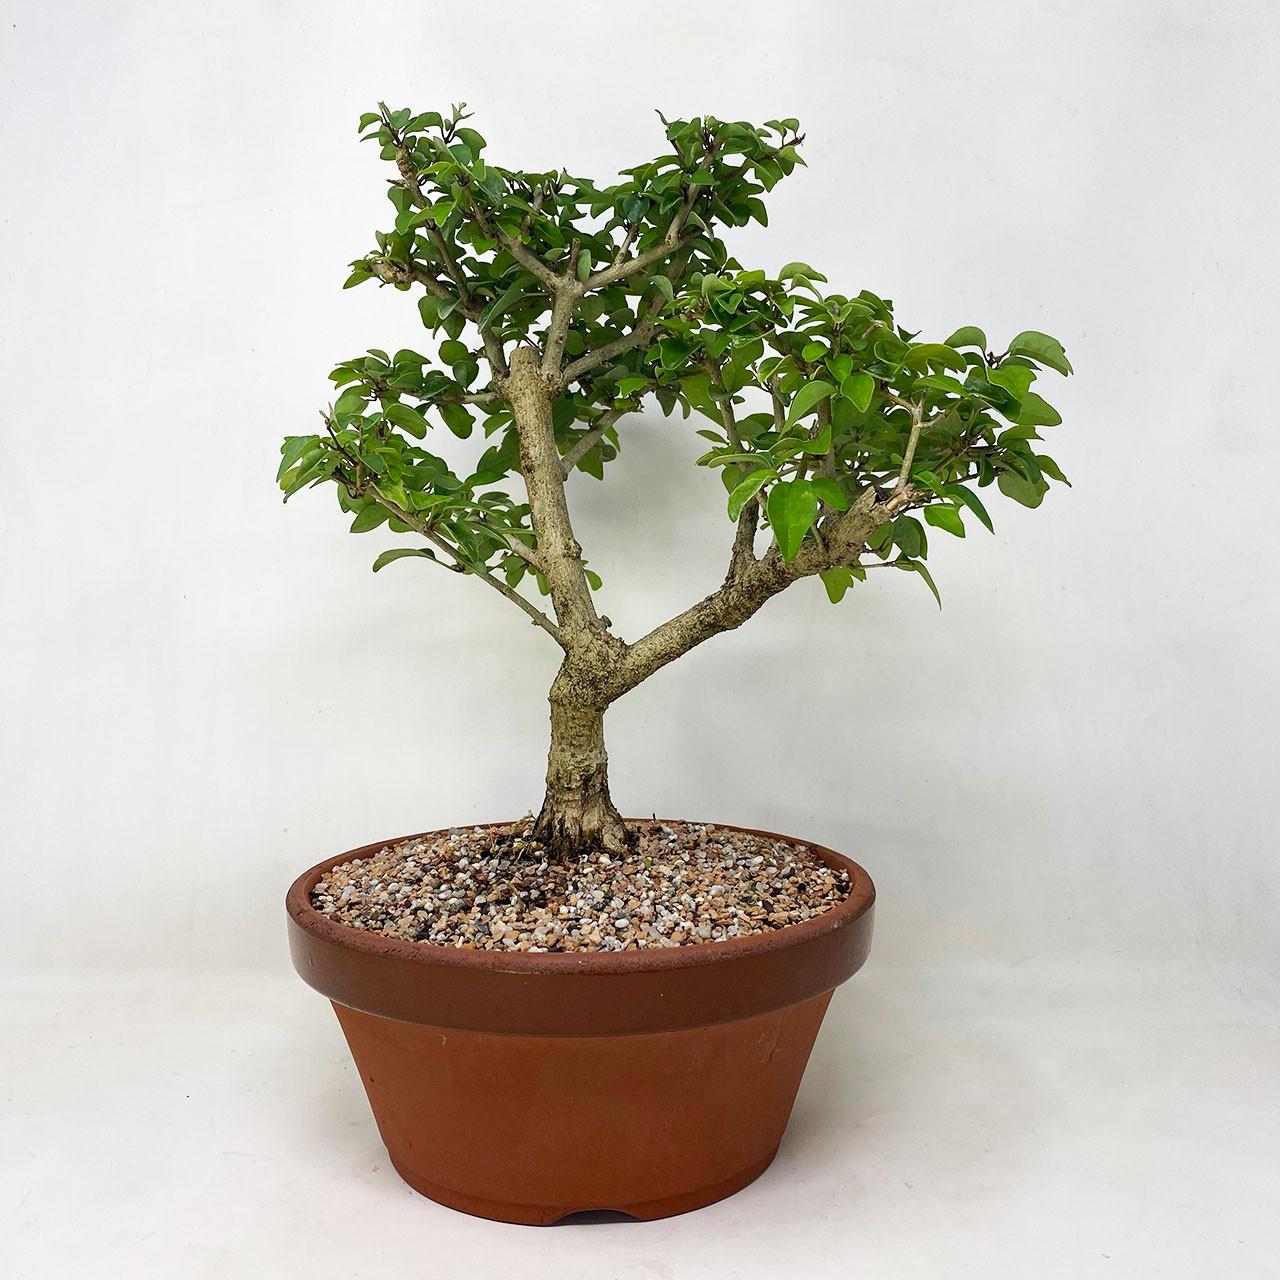 Parrot S Beak Bonsai Tree Bonsai Outlet Tweb751